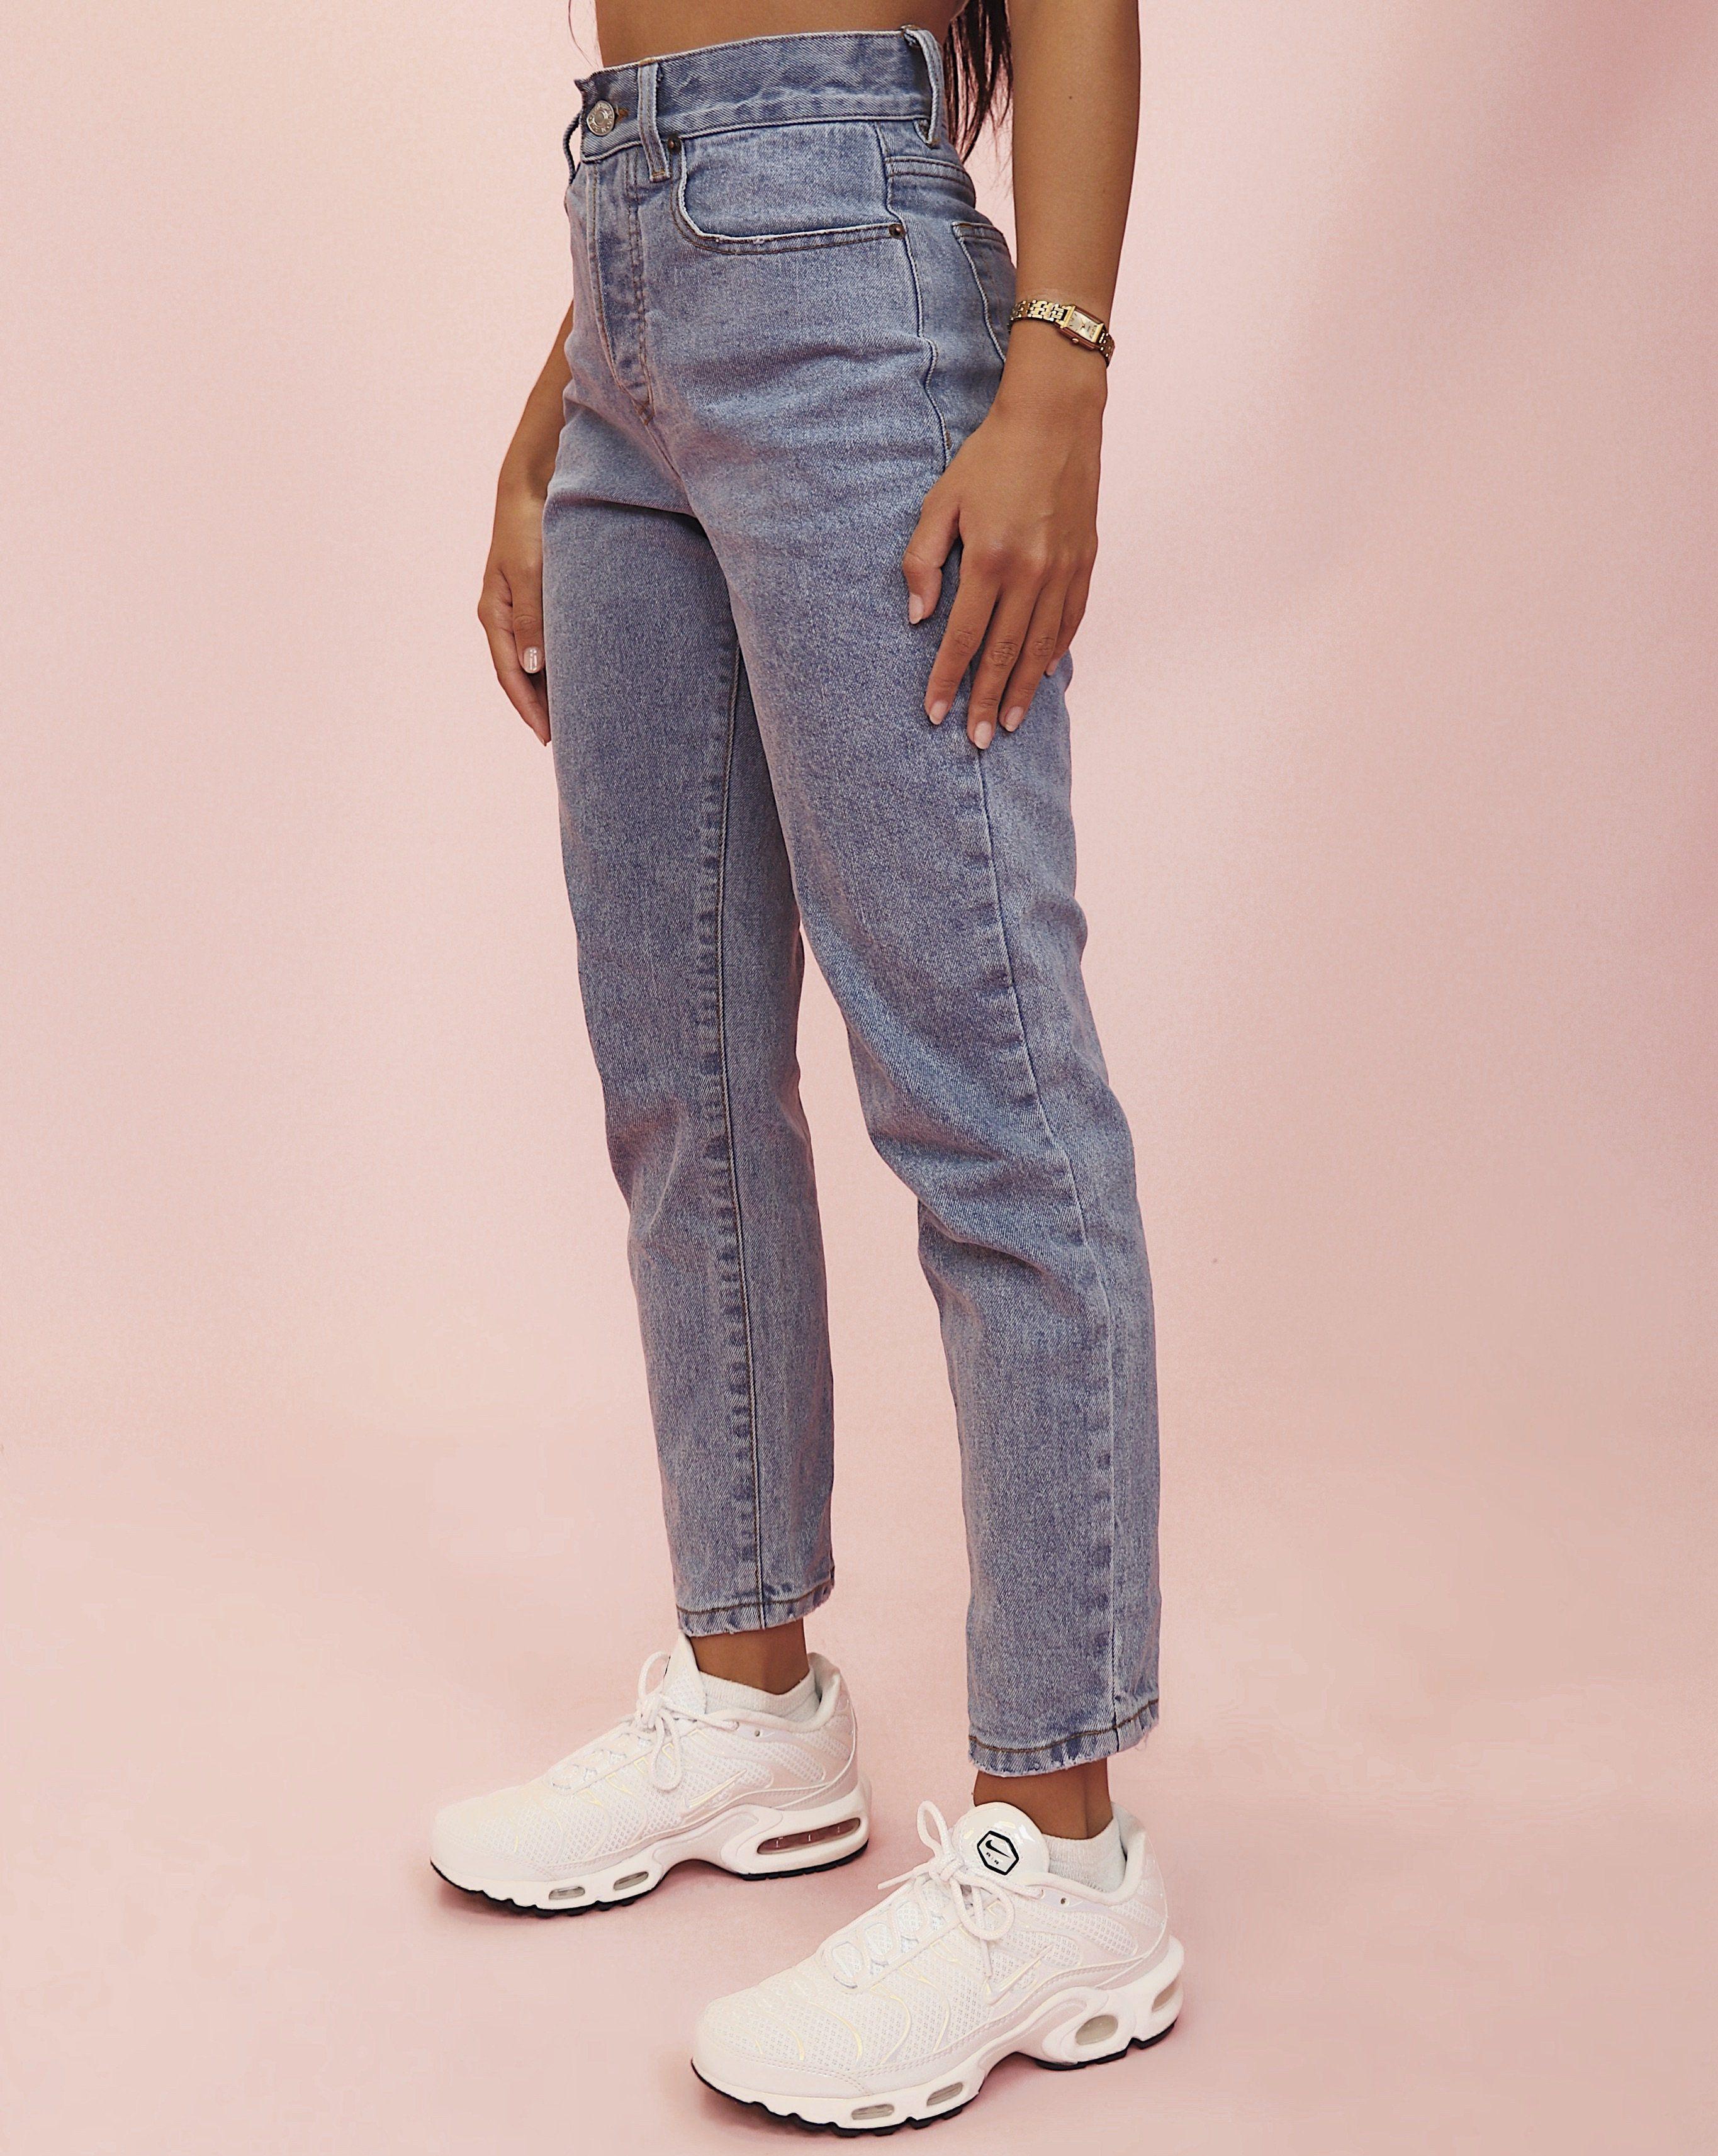 Girlfriend Jeans Best Jeans For Women Mom Jeans Women Jeans